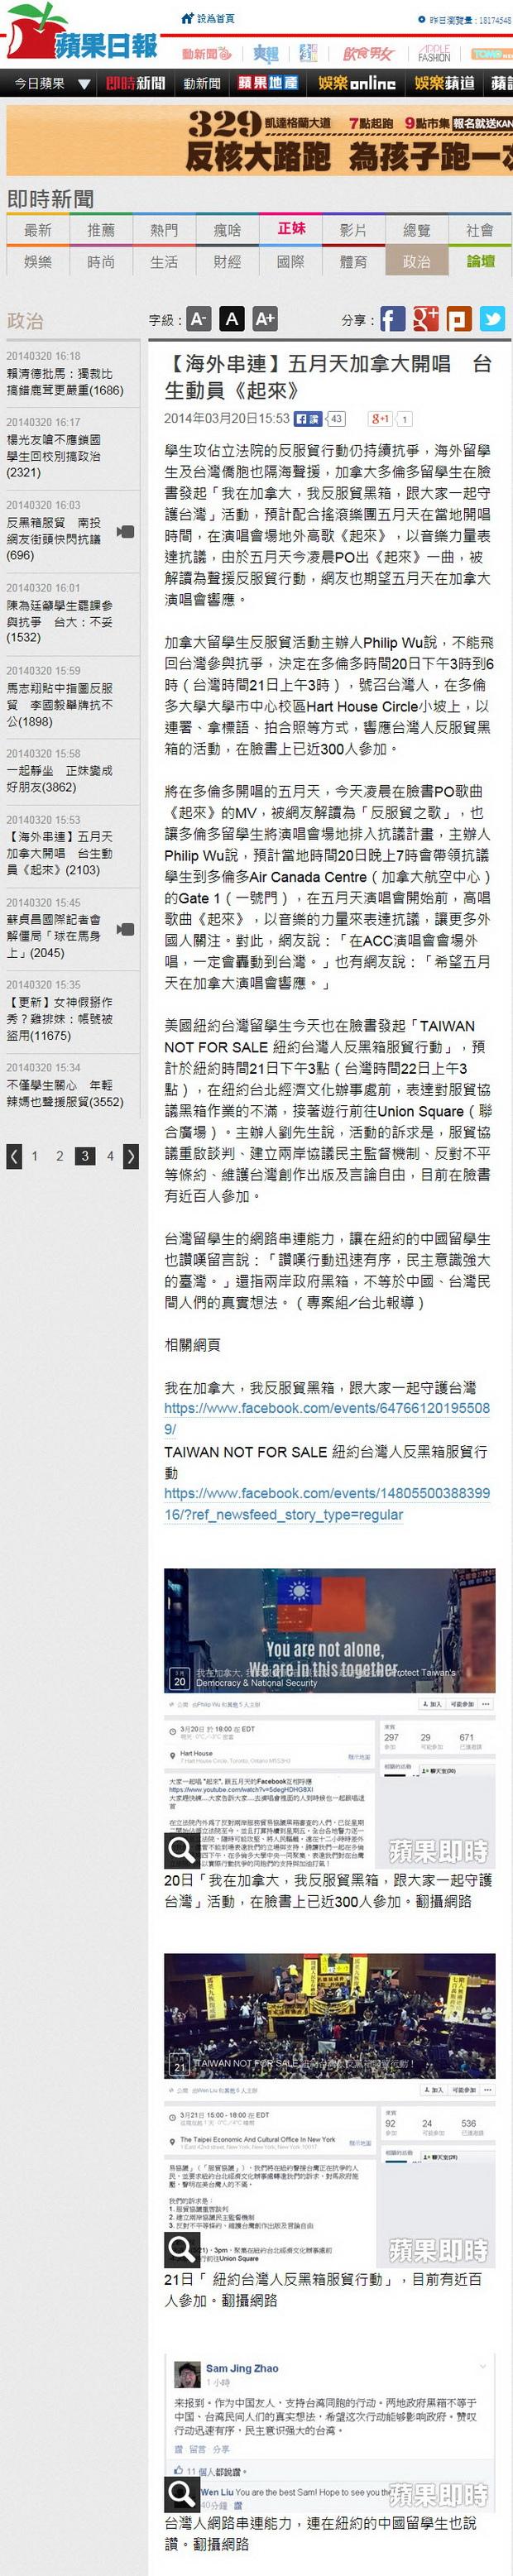 【海外串連】五月天加拿大開唱台生動員《起來》 -2014.03.20.jpg